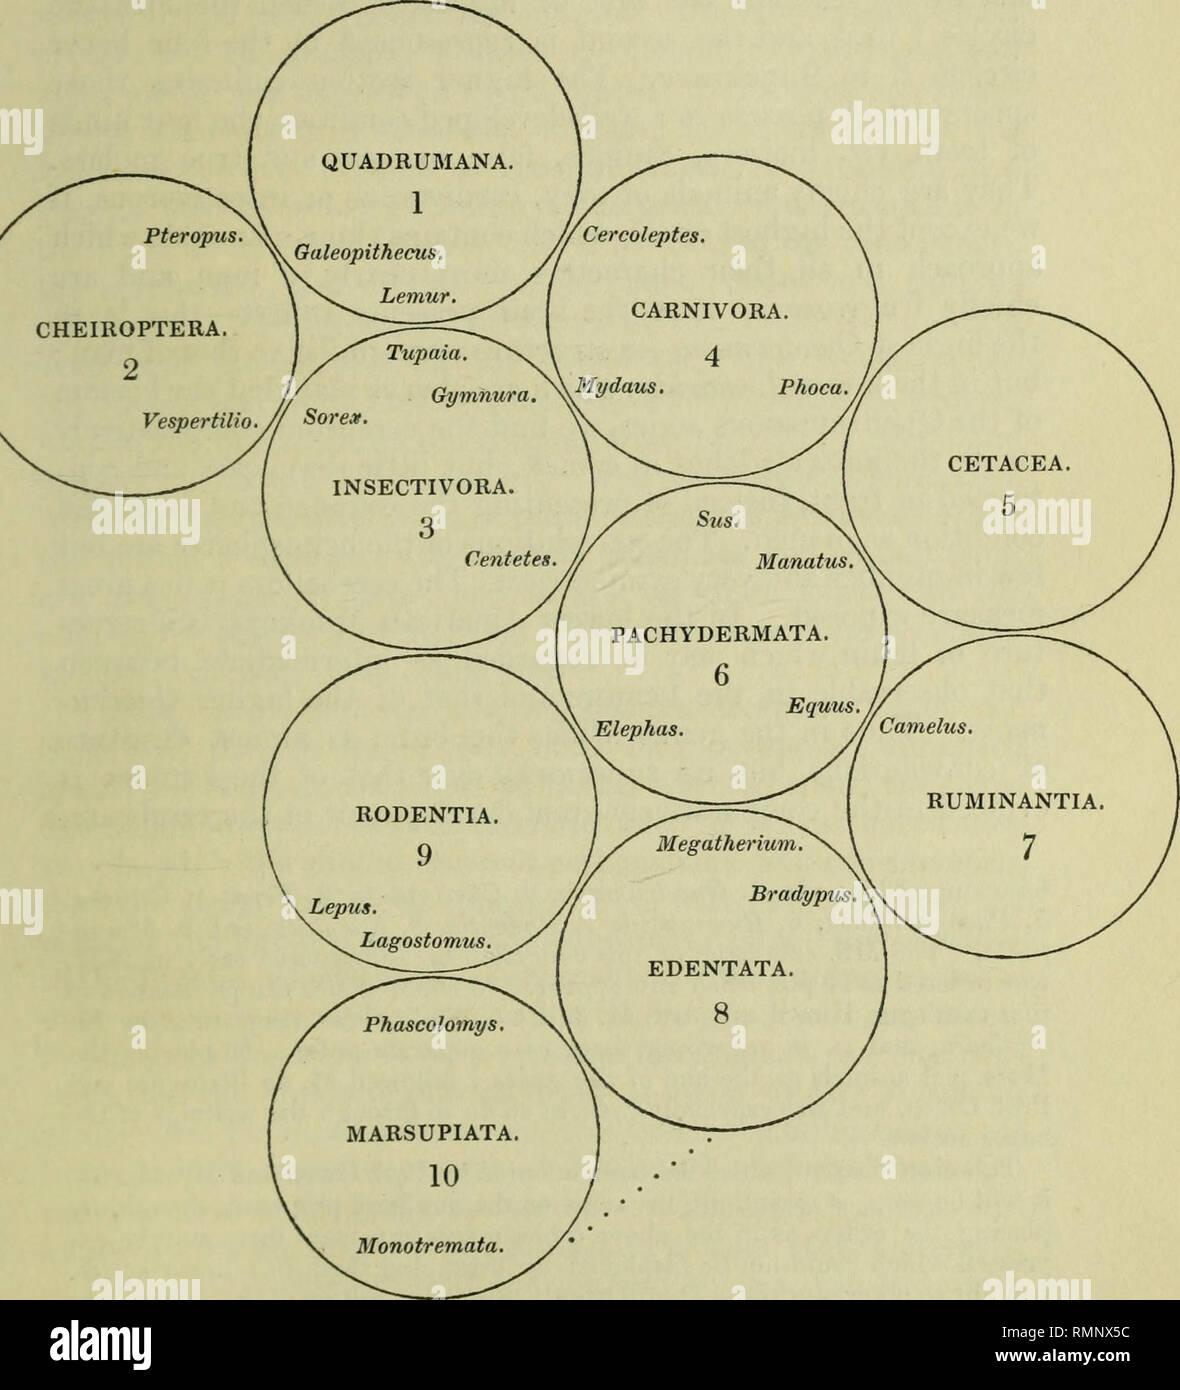 Annals of natural history  Natural history